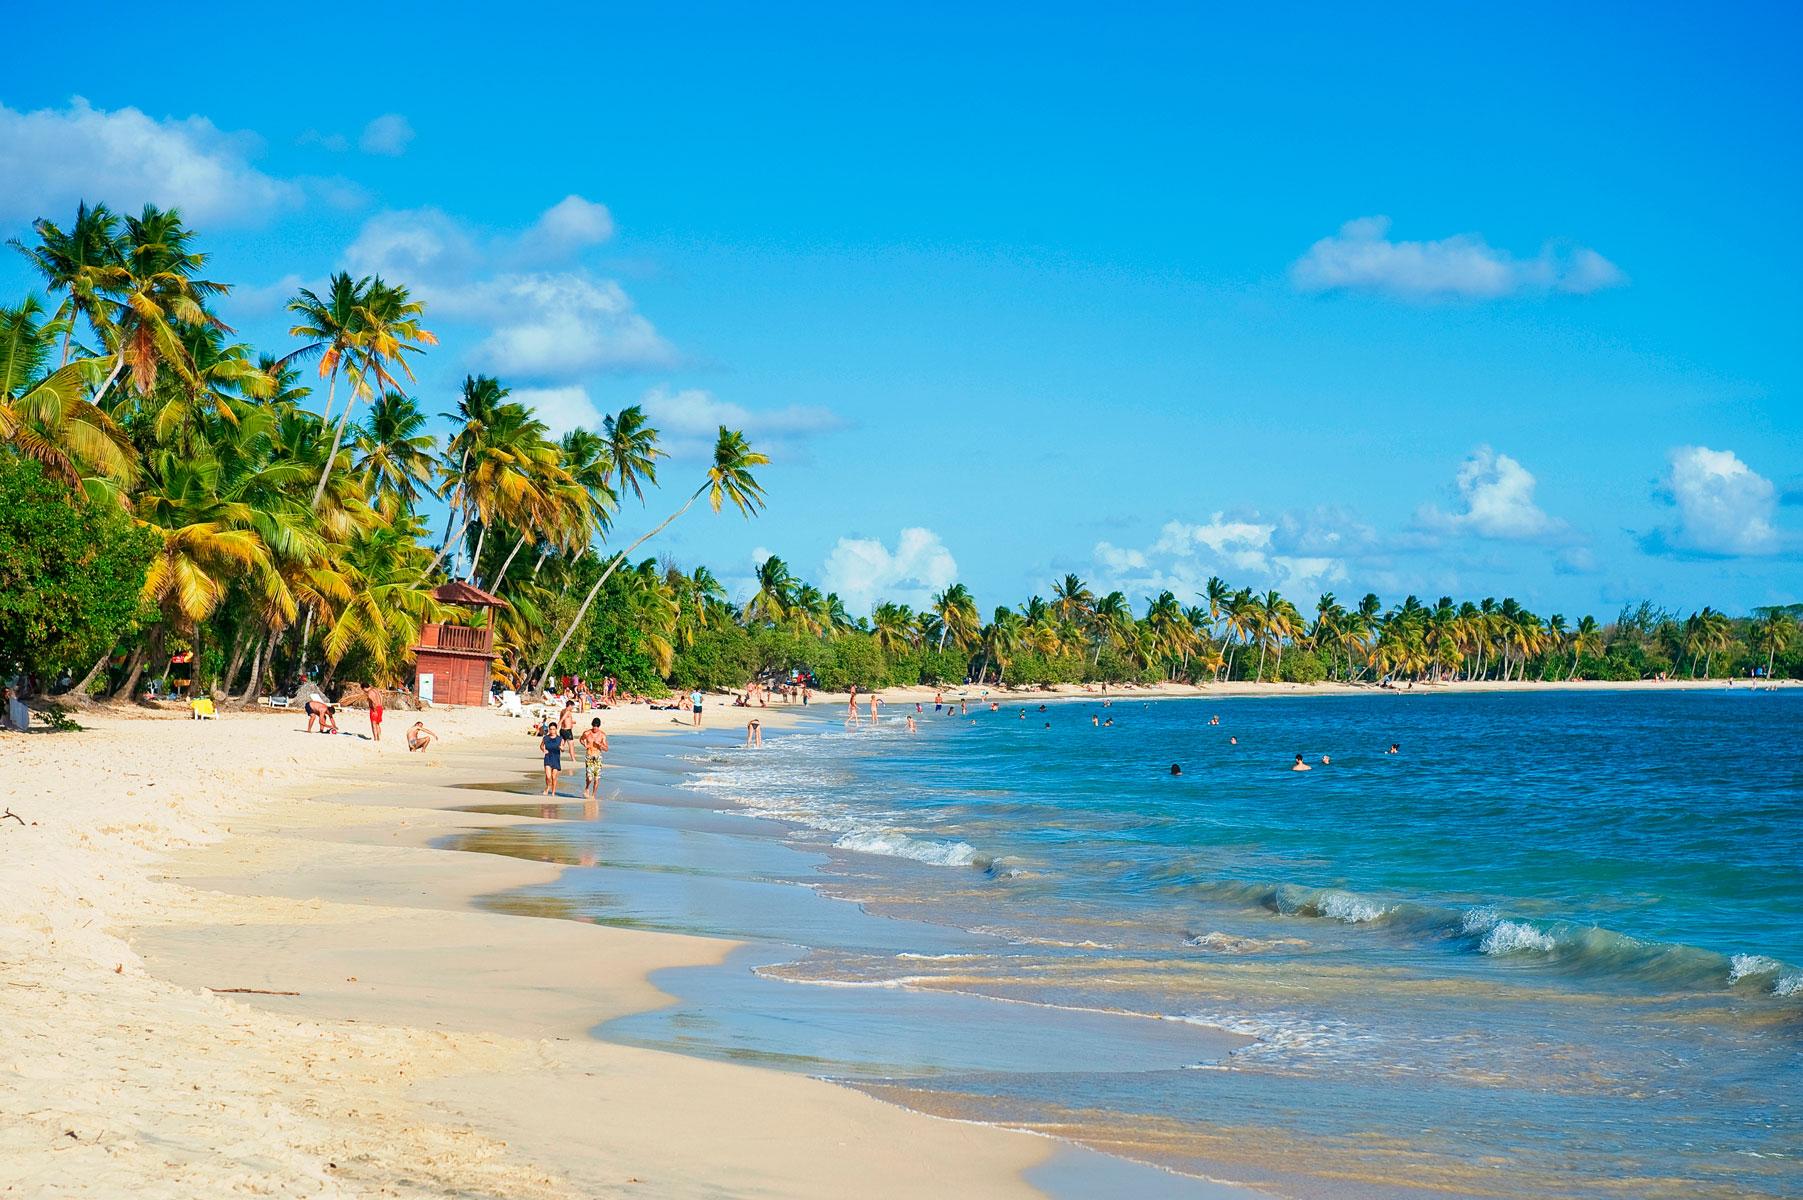 More rewards for Martinique in 2017